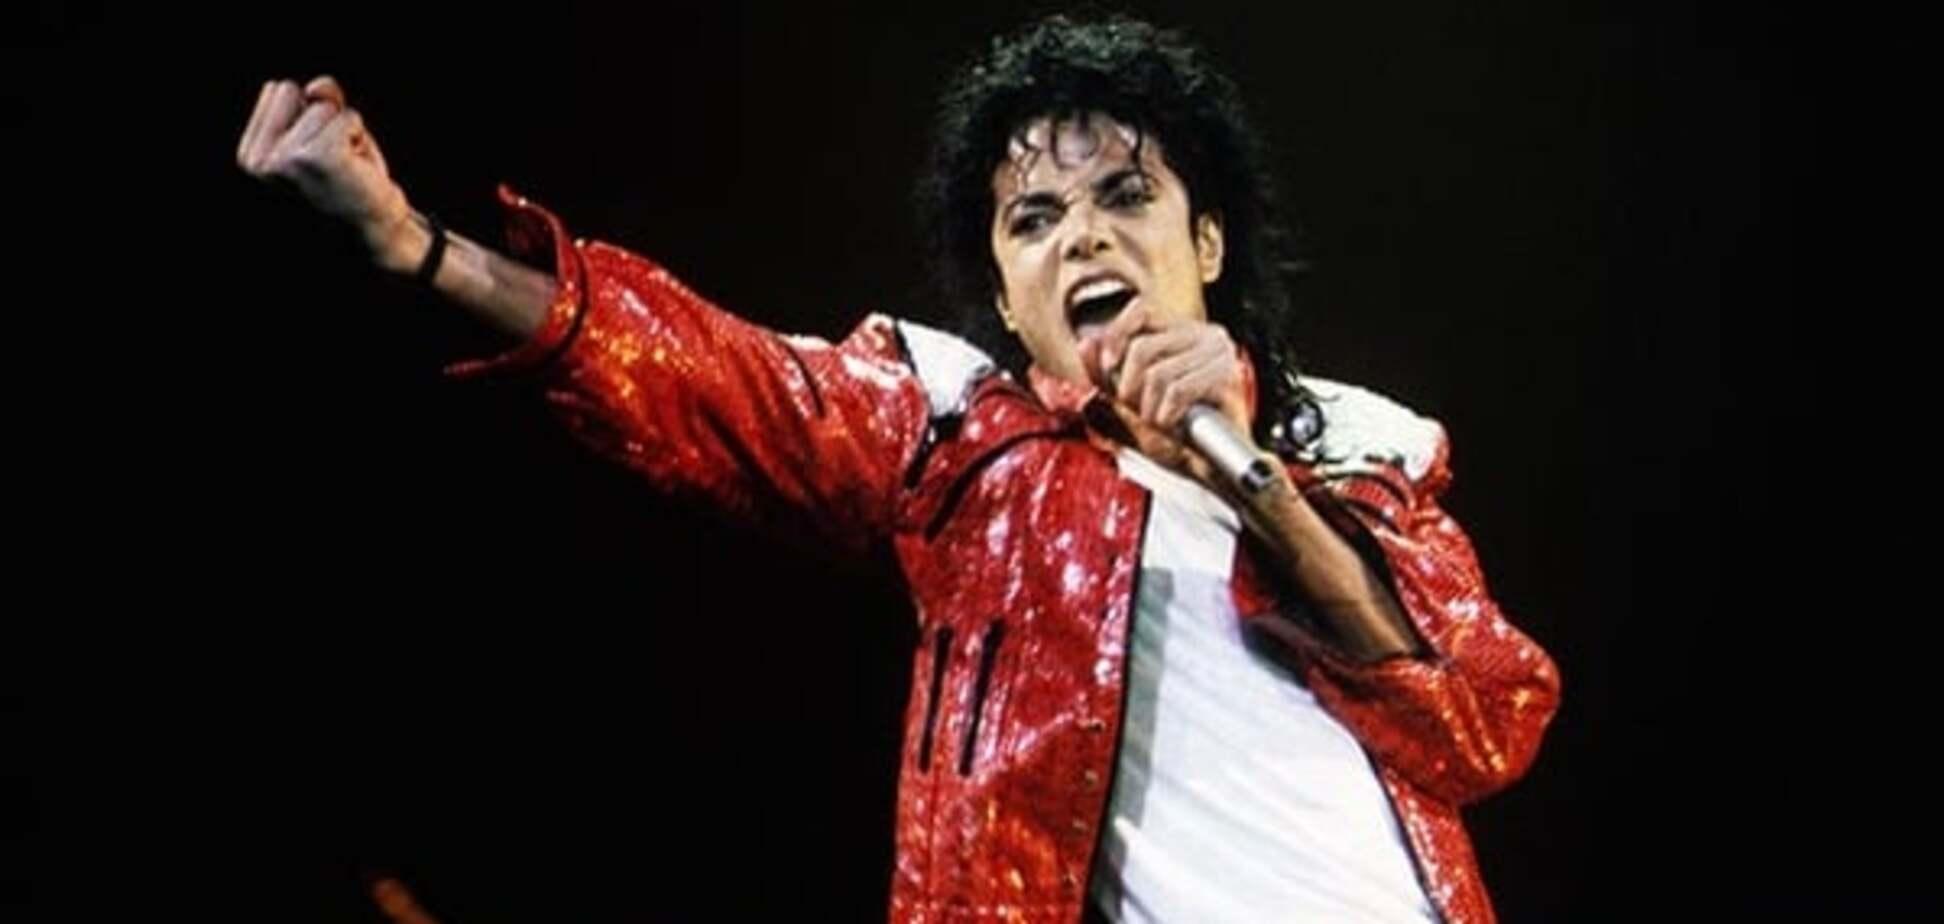 'Майкл Джексон живий': шанувальники помітили поп-короля в машині його дочки